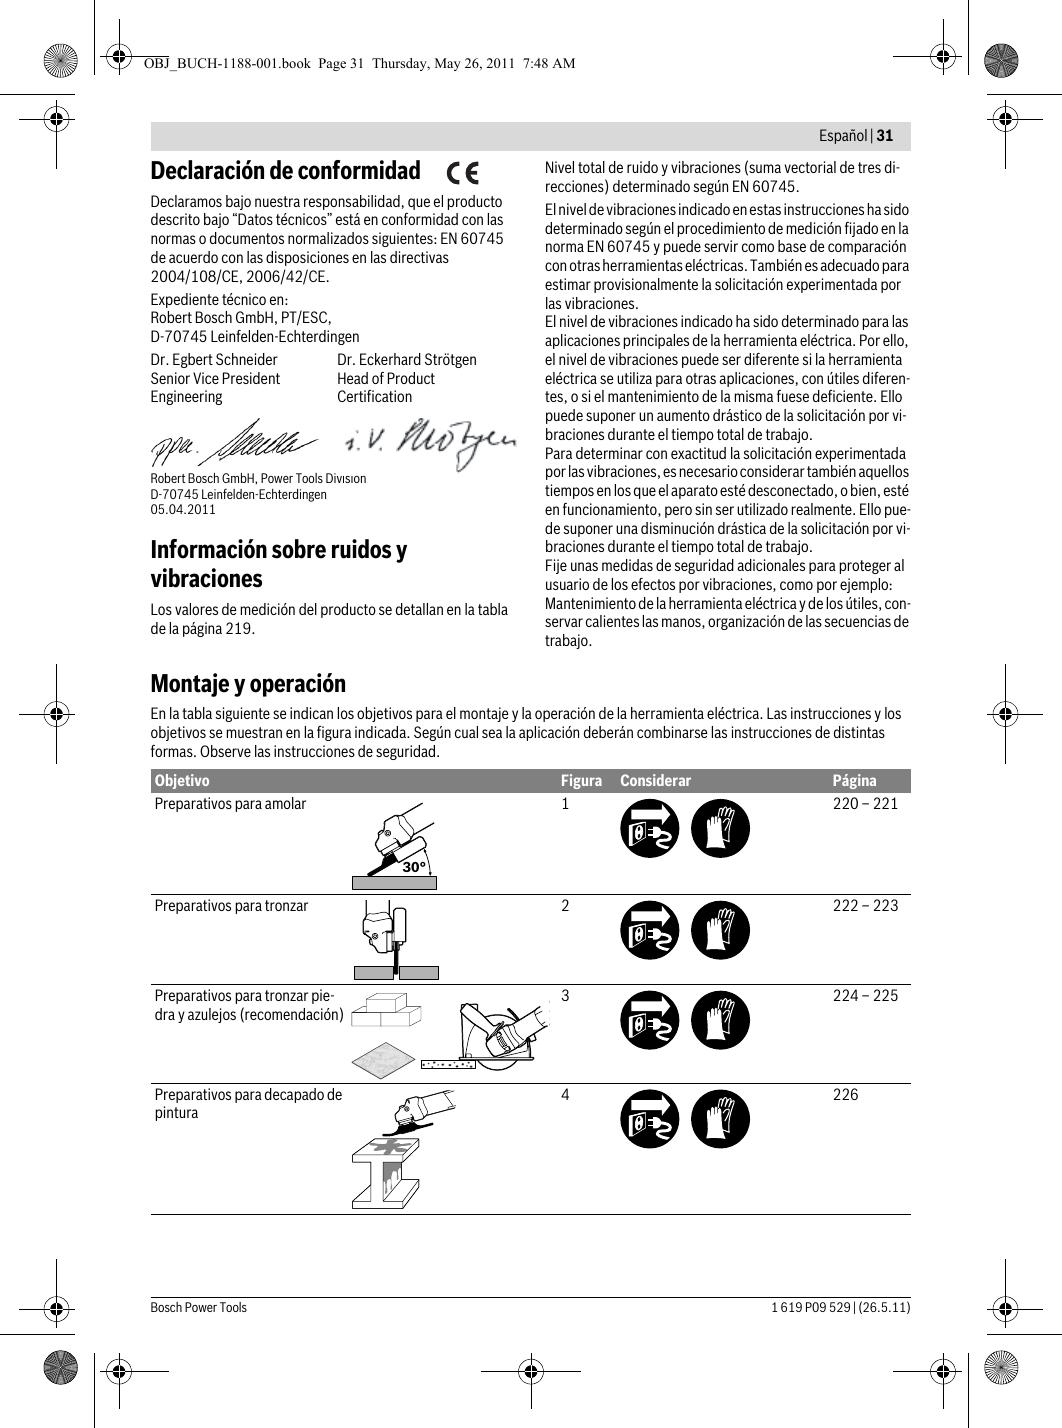 zakačiti traduccion al español besplatna aplikacija za upoznavanje s porukama